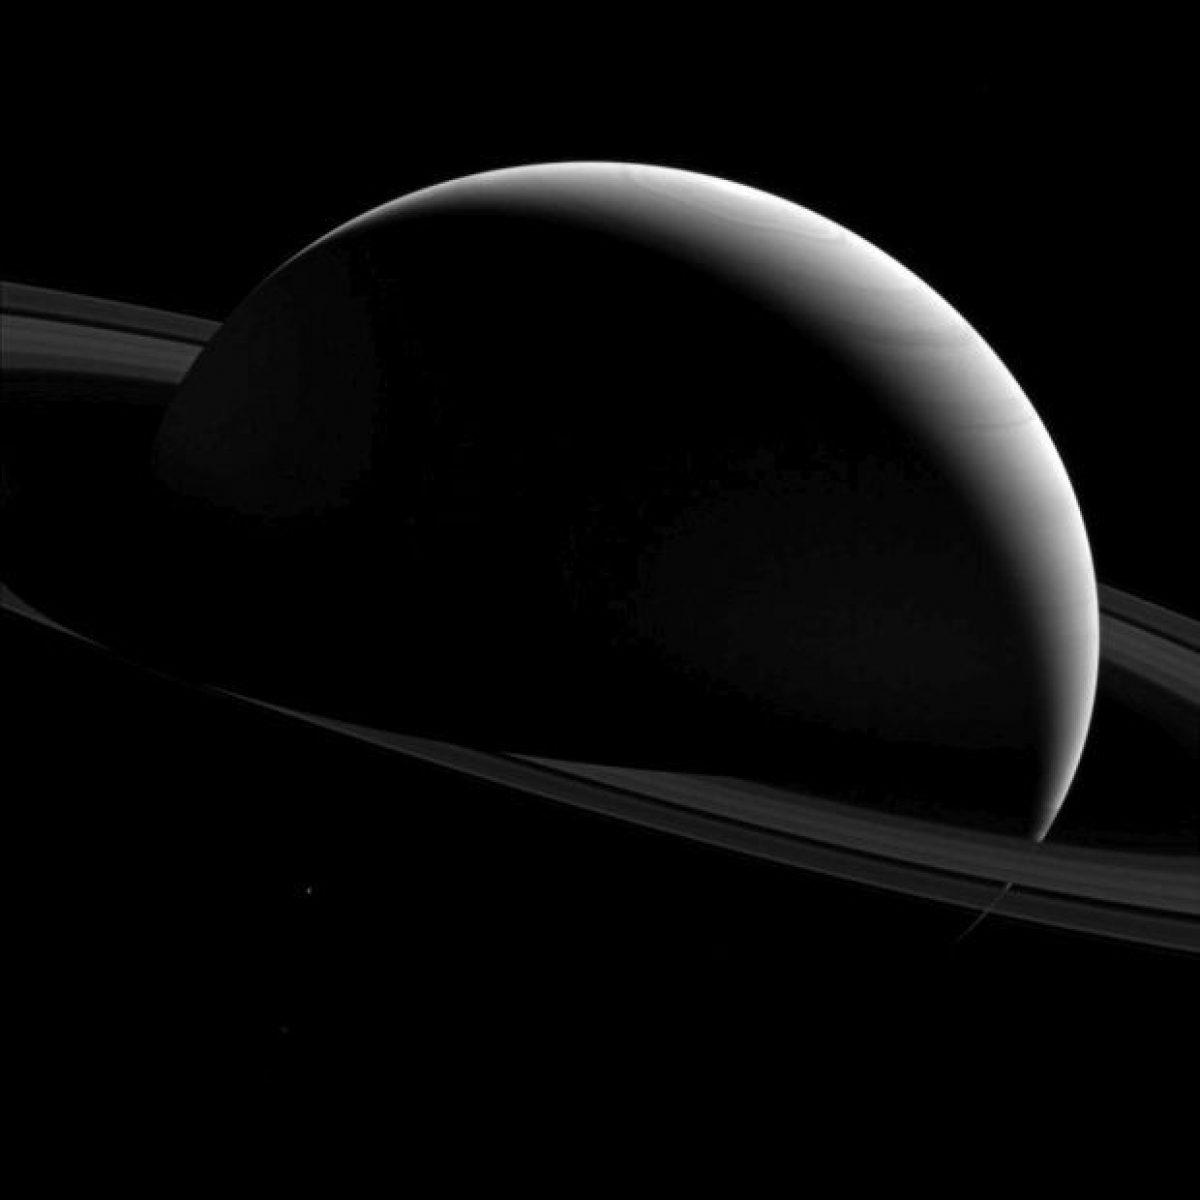 Ретроградный Сатурн: астролог рассказала об особенностях этого периода